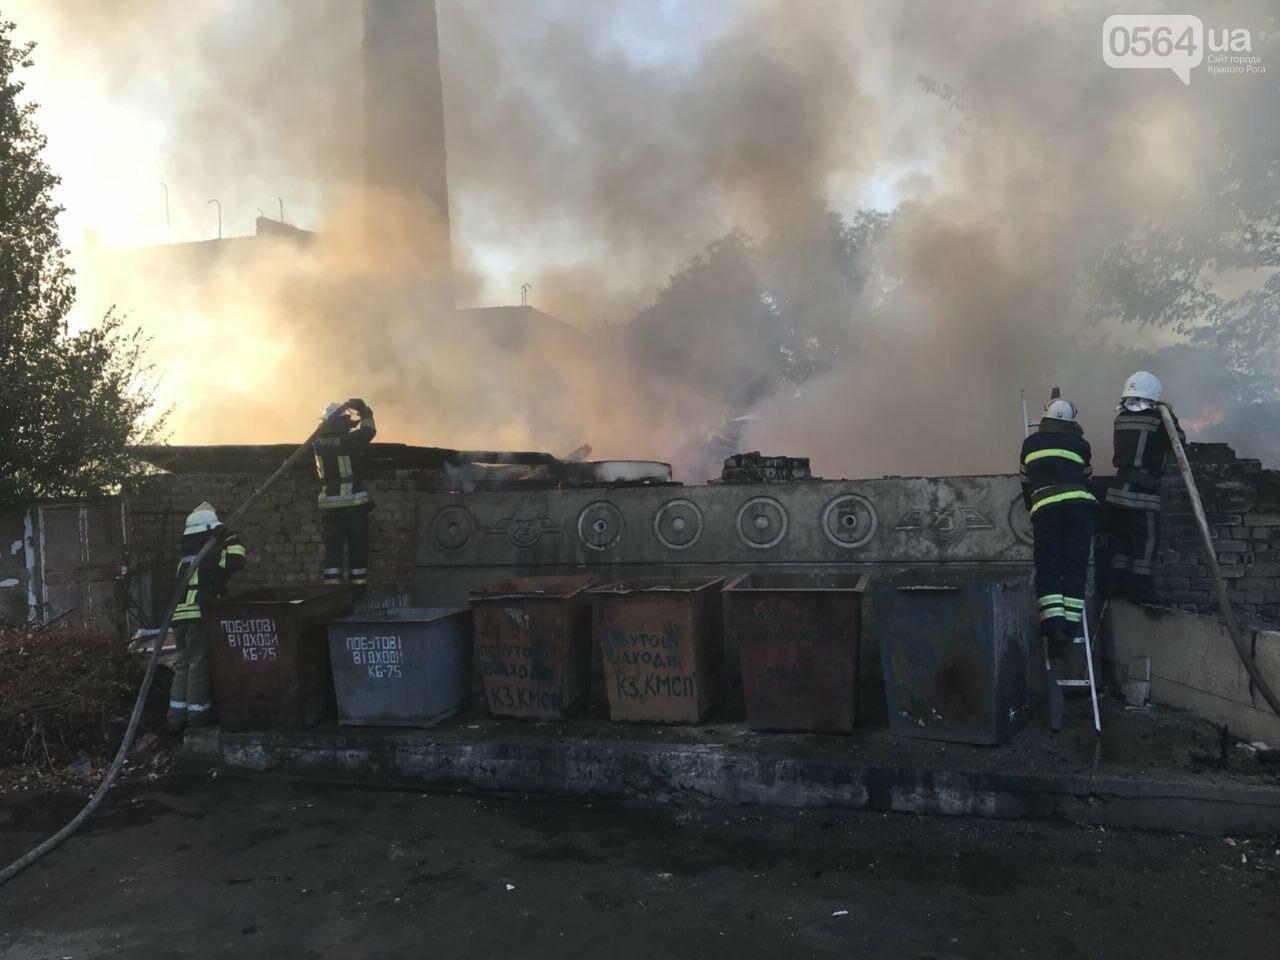 В Кривом Роге масштабный пожар: горели брошенные сараи, - ФОТО, ВИДЕО, фото-4